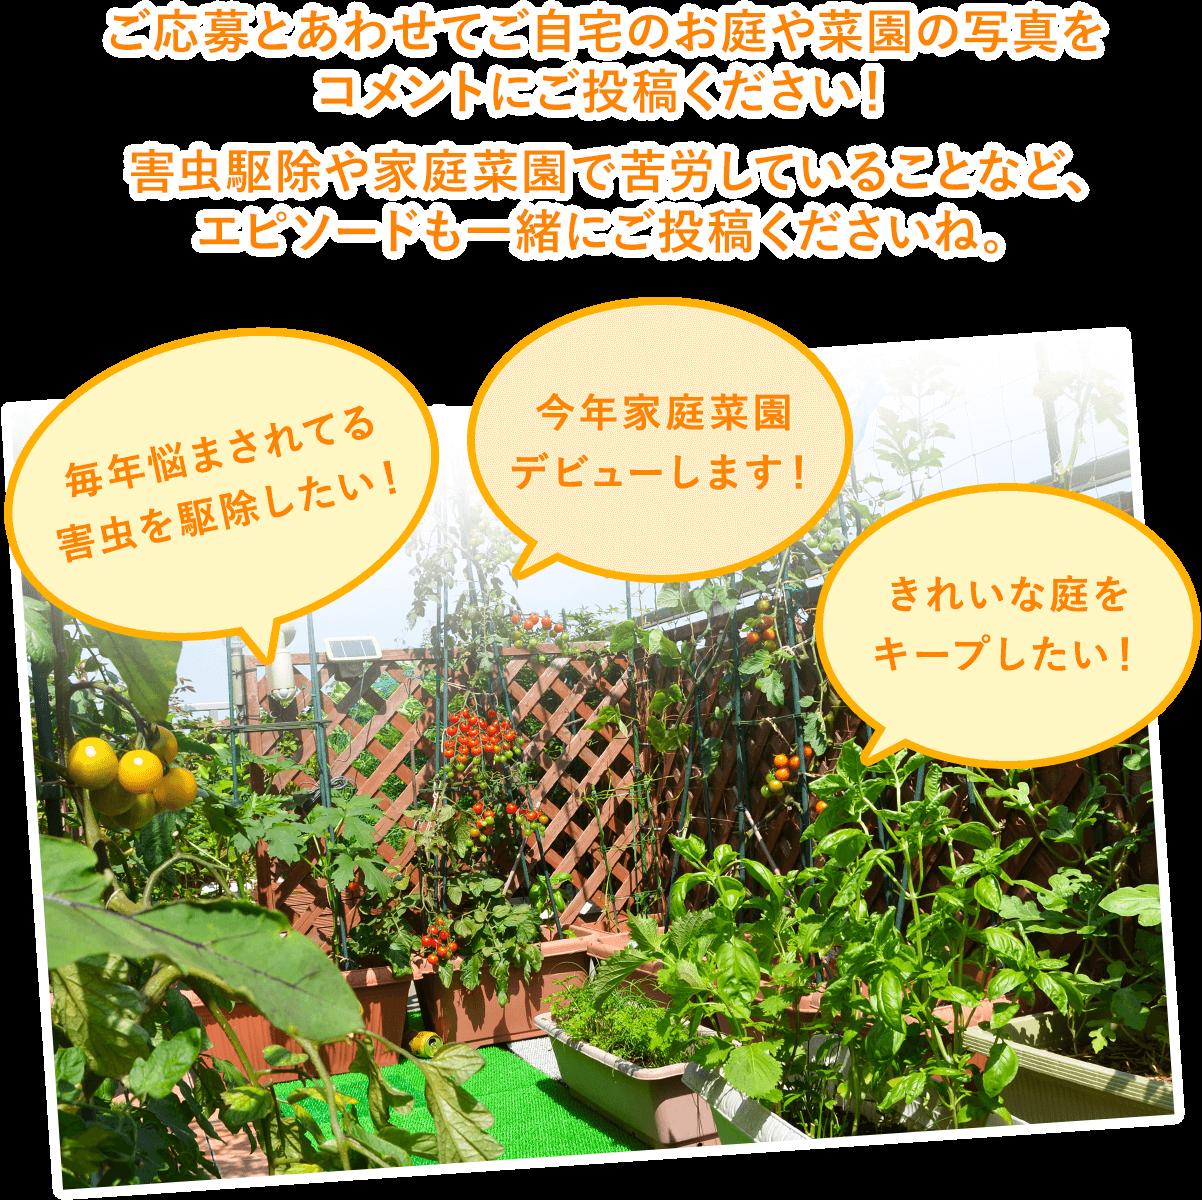 ご応募とあわせてご自宅のお庭や菜園の写真をコメントにご投稿ください! 害虫駆除や家庭菜園で苦労していることなど、エピソードも一緒にご投稿くださいね。